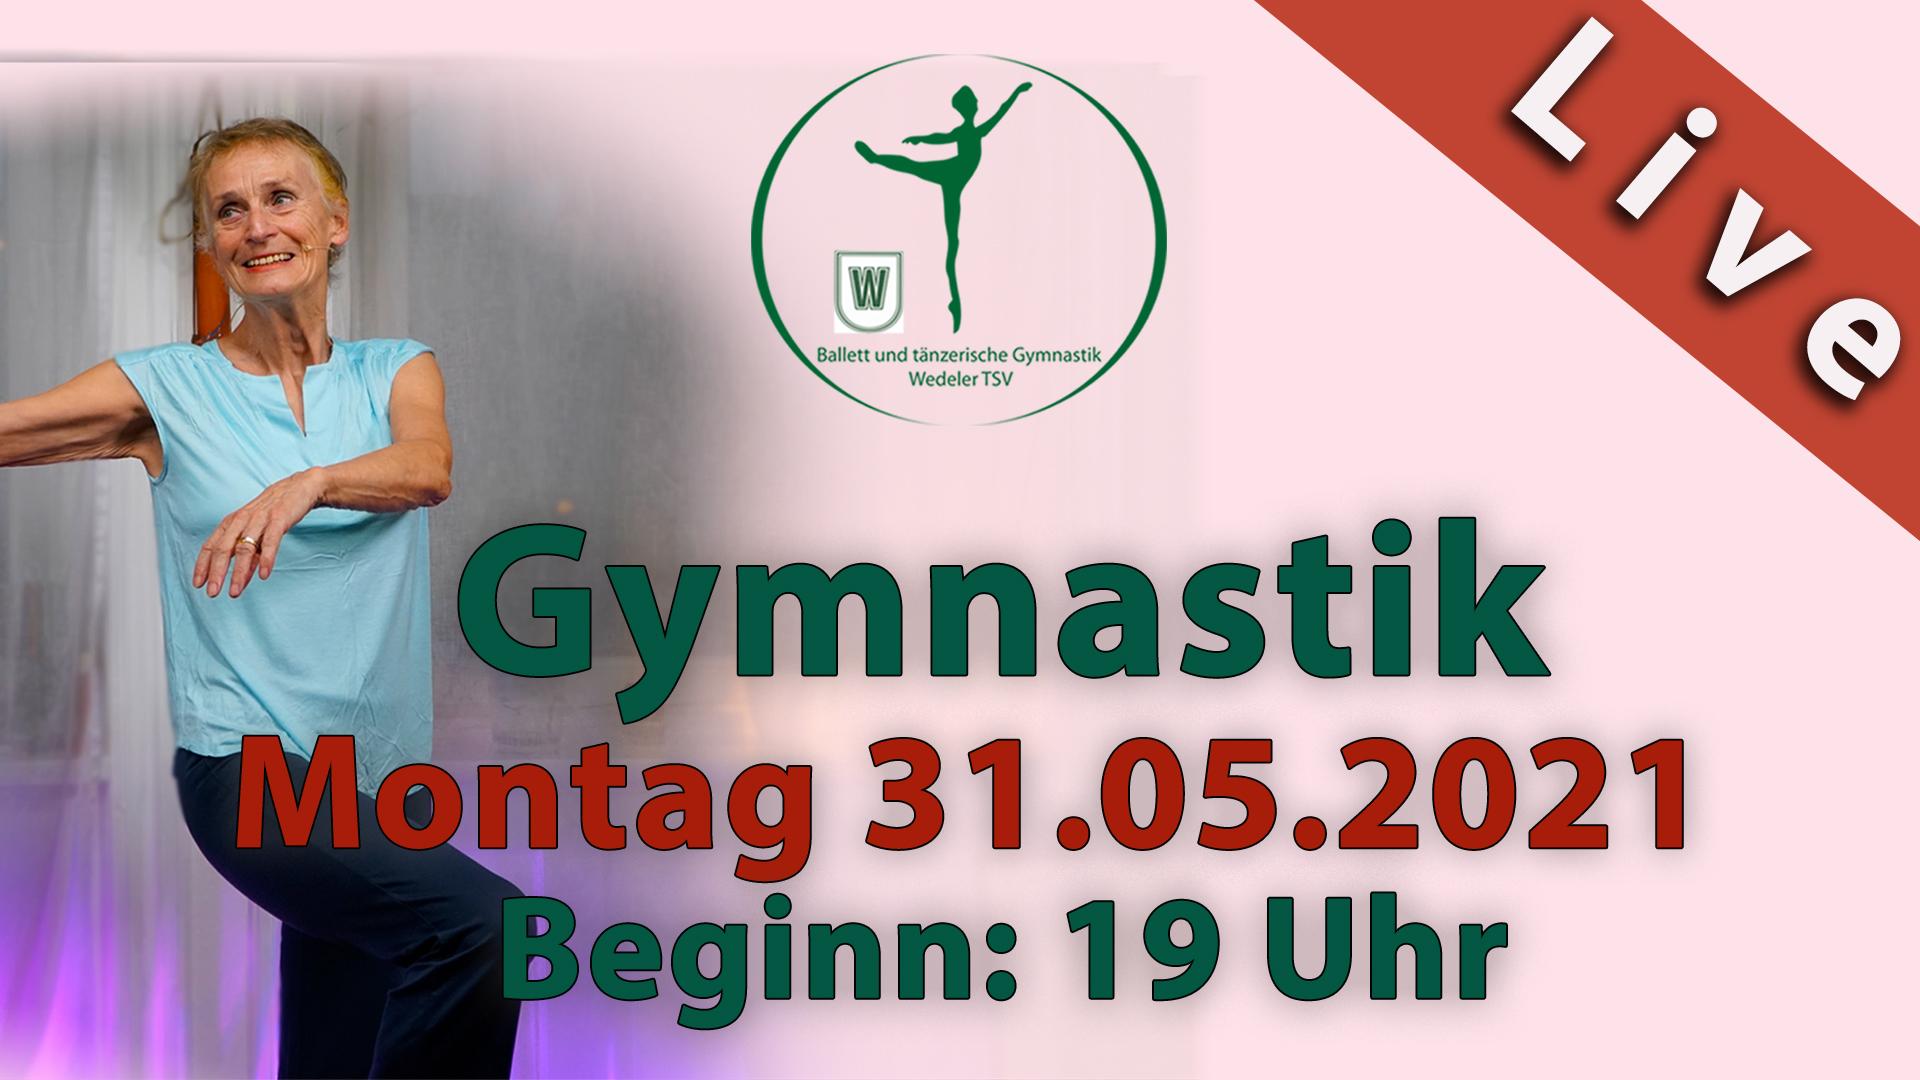 Gymnastik Livestream | Mo 31.05.2021 | 19 Uhr